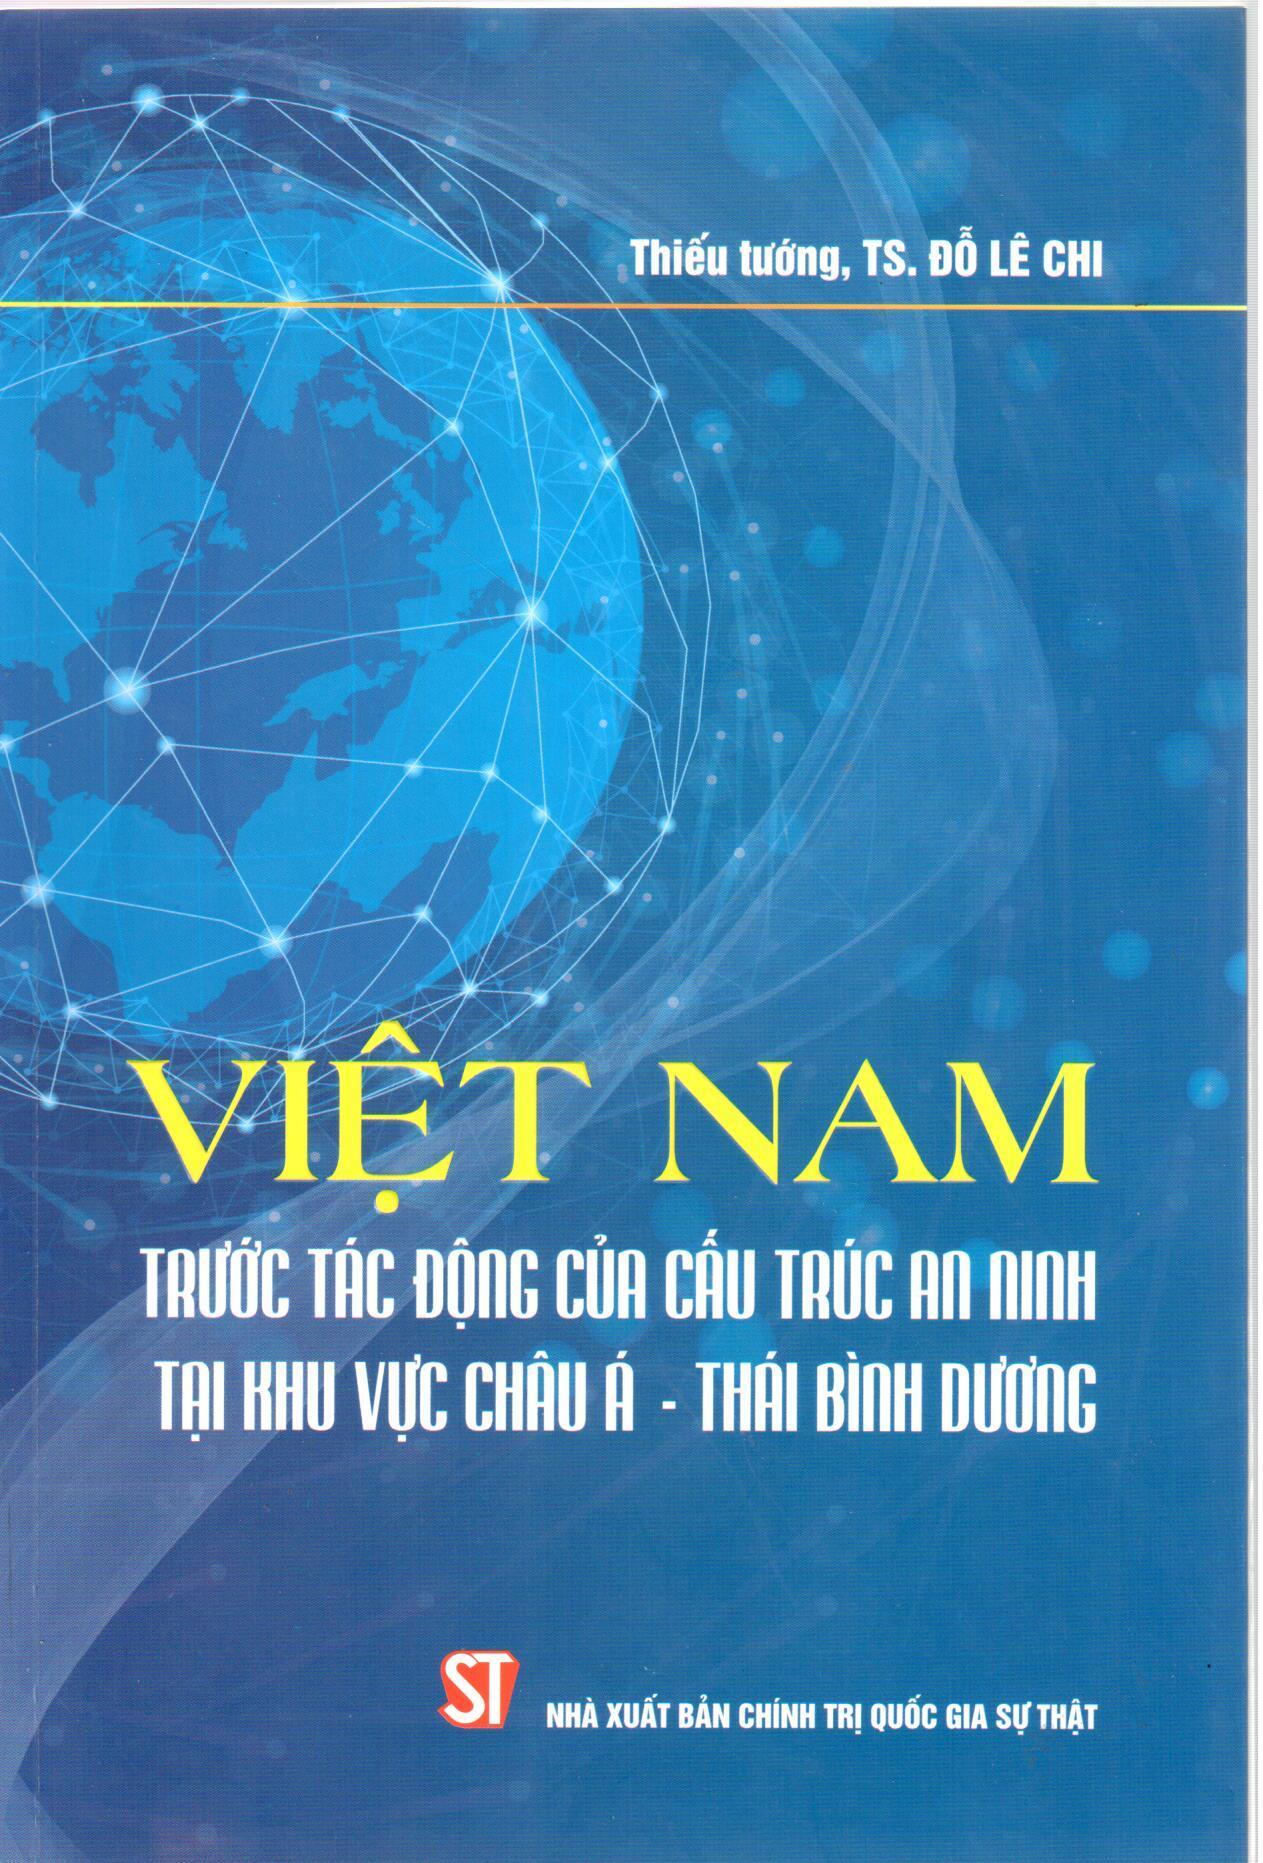 Việt Nam trước tác động của cấu trúc an ninh tại khu vực châu Á - Thái Bình Dương